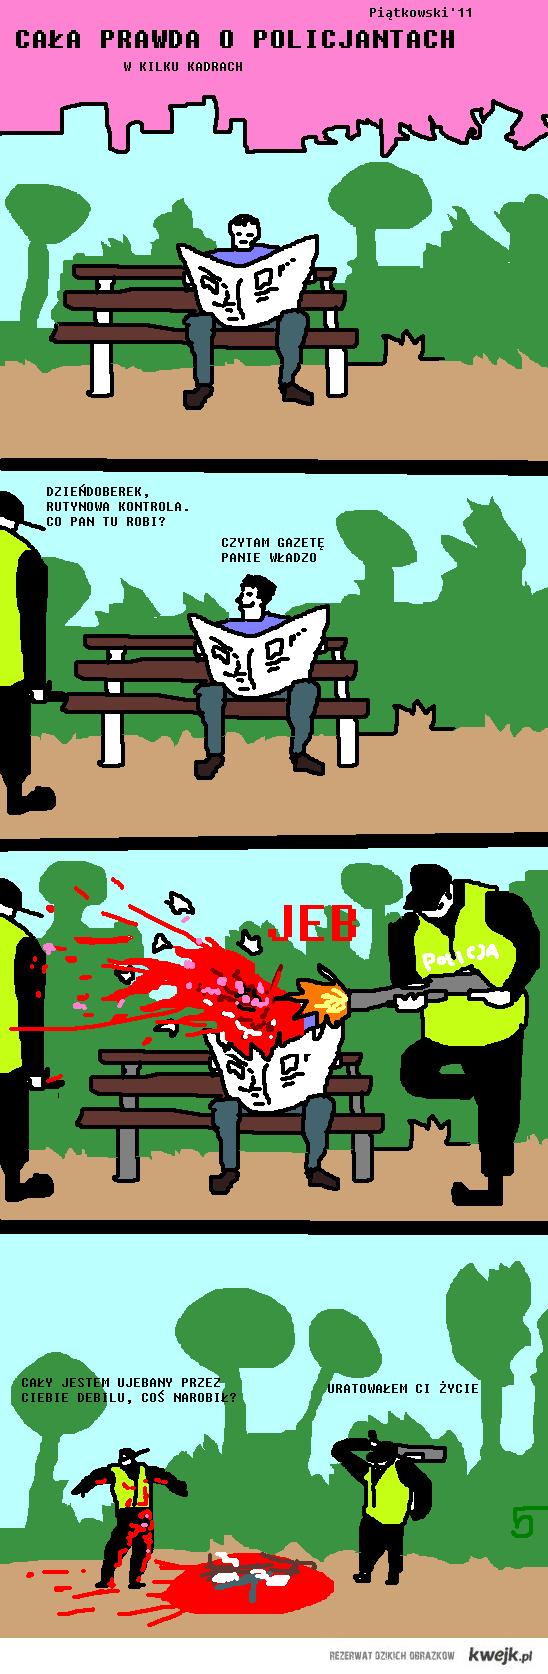 Policjanci - cała prawda 6